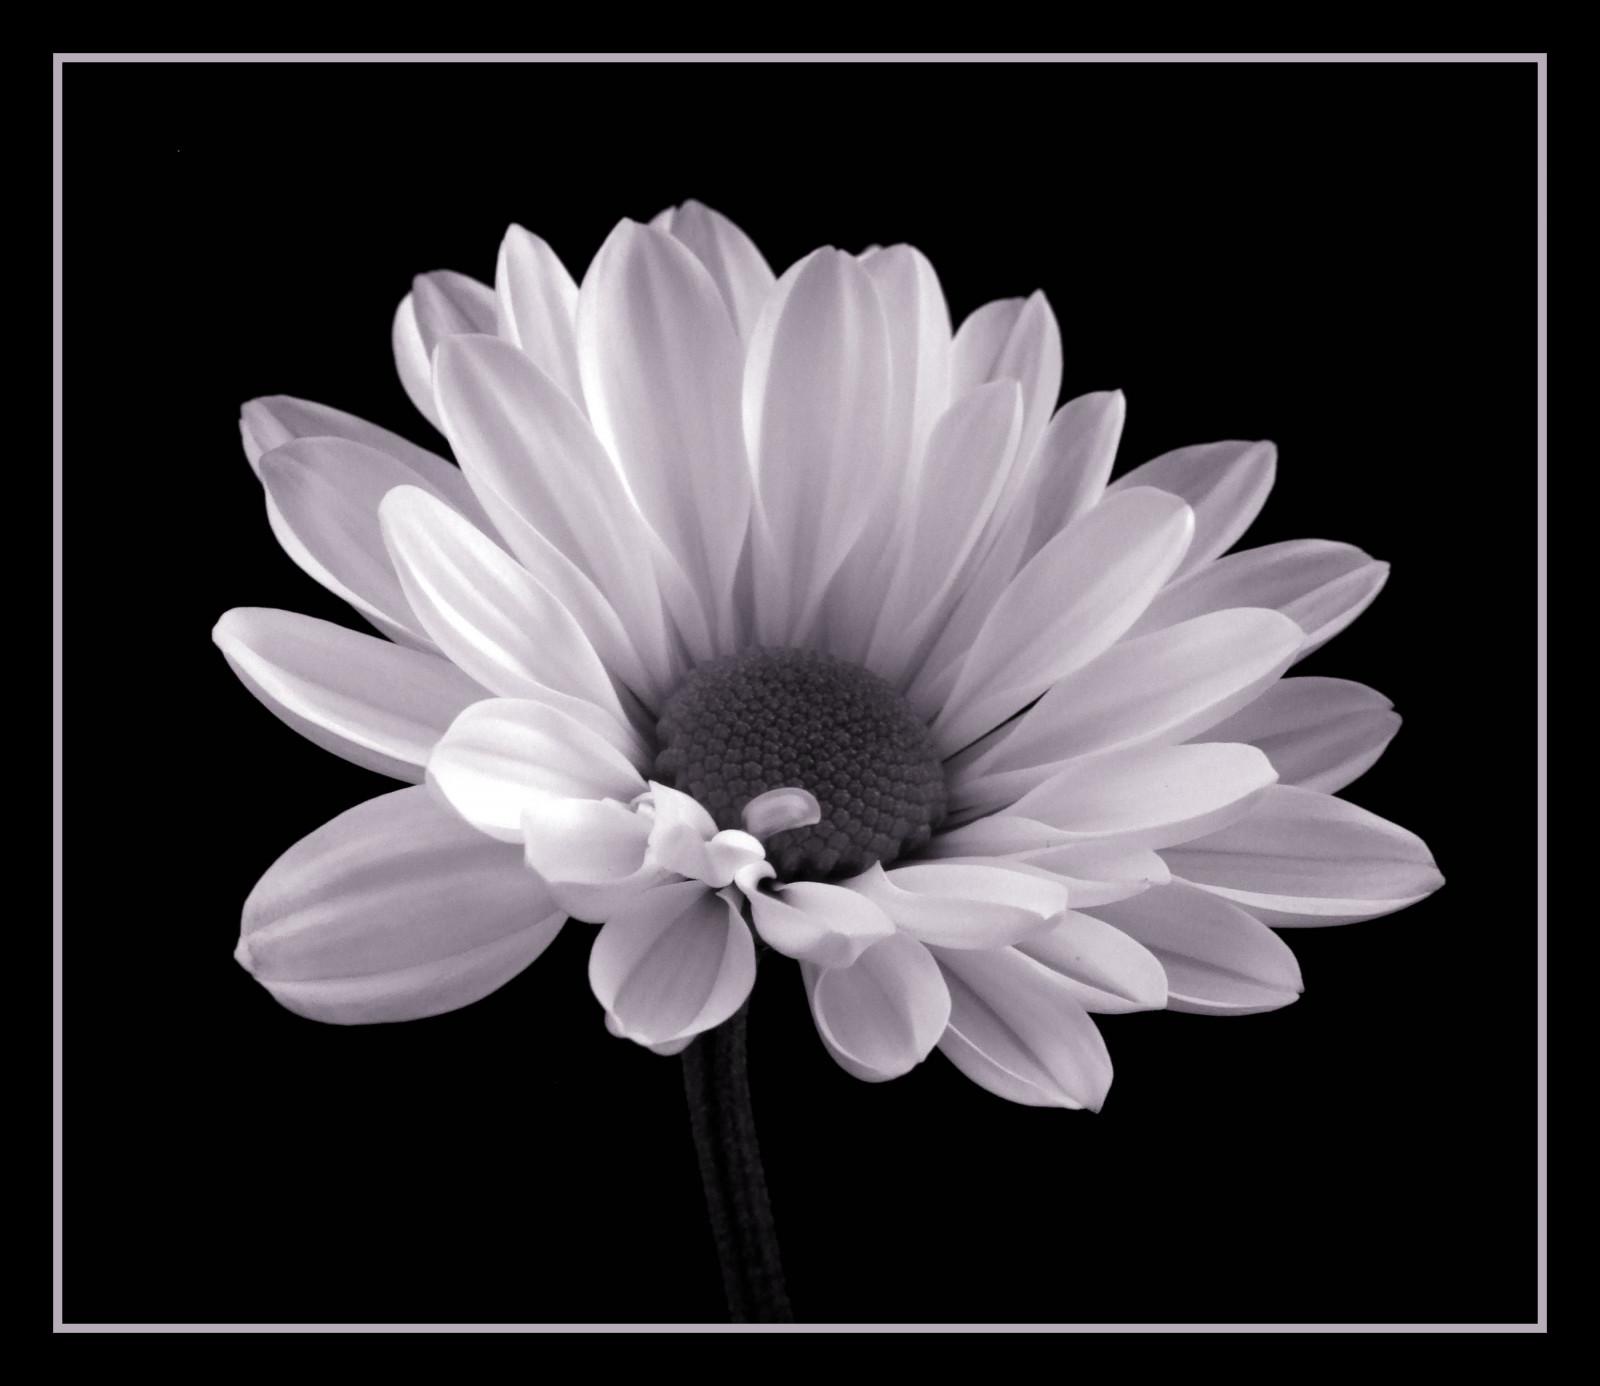 Sfondi fiore bianca bianco e nero fotografia in for Margherita pianta